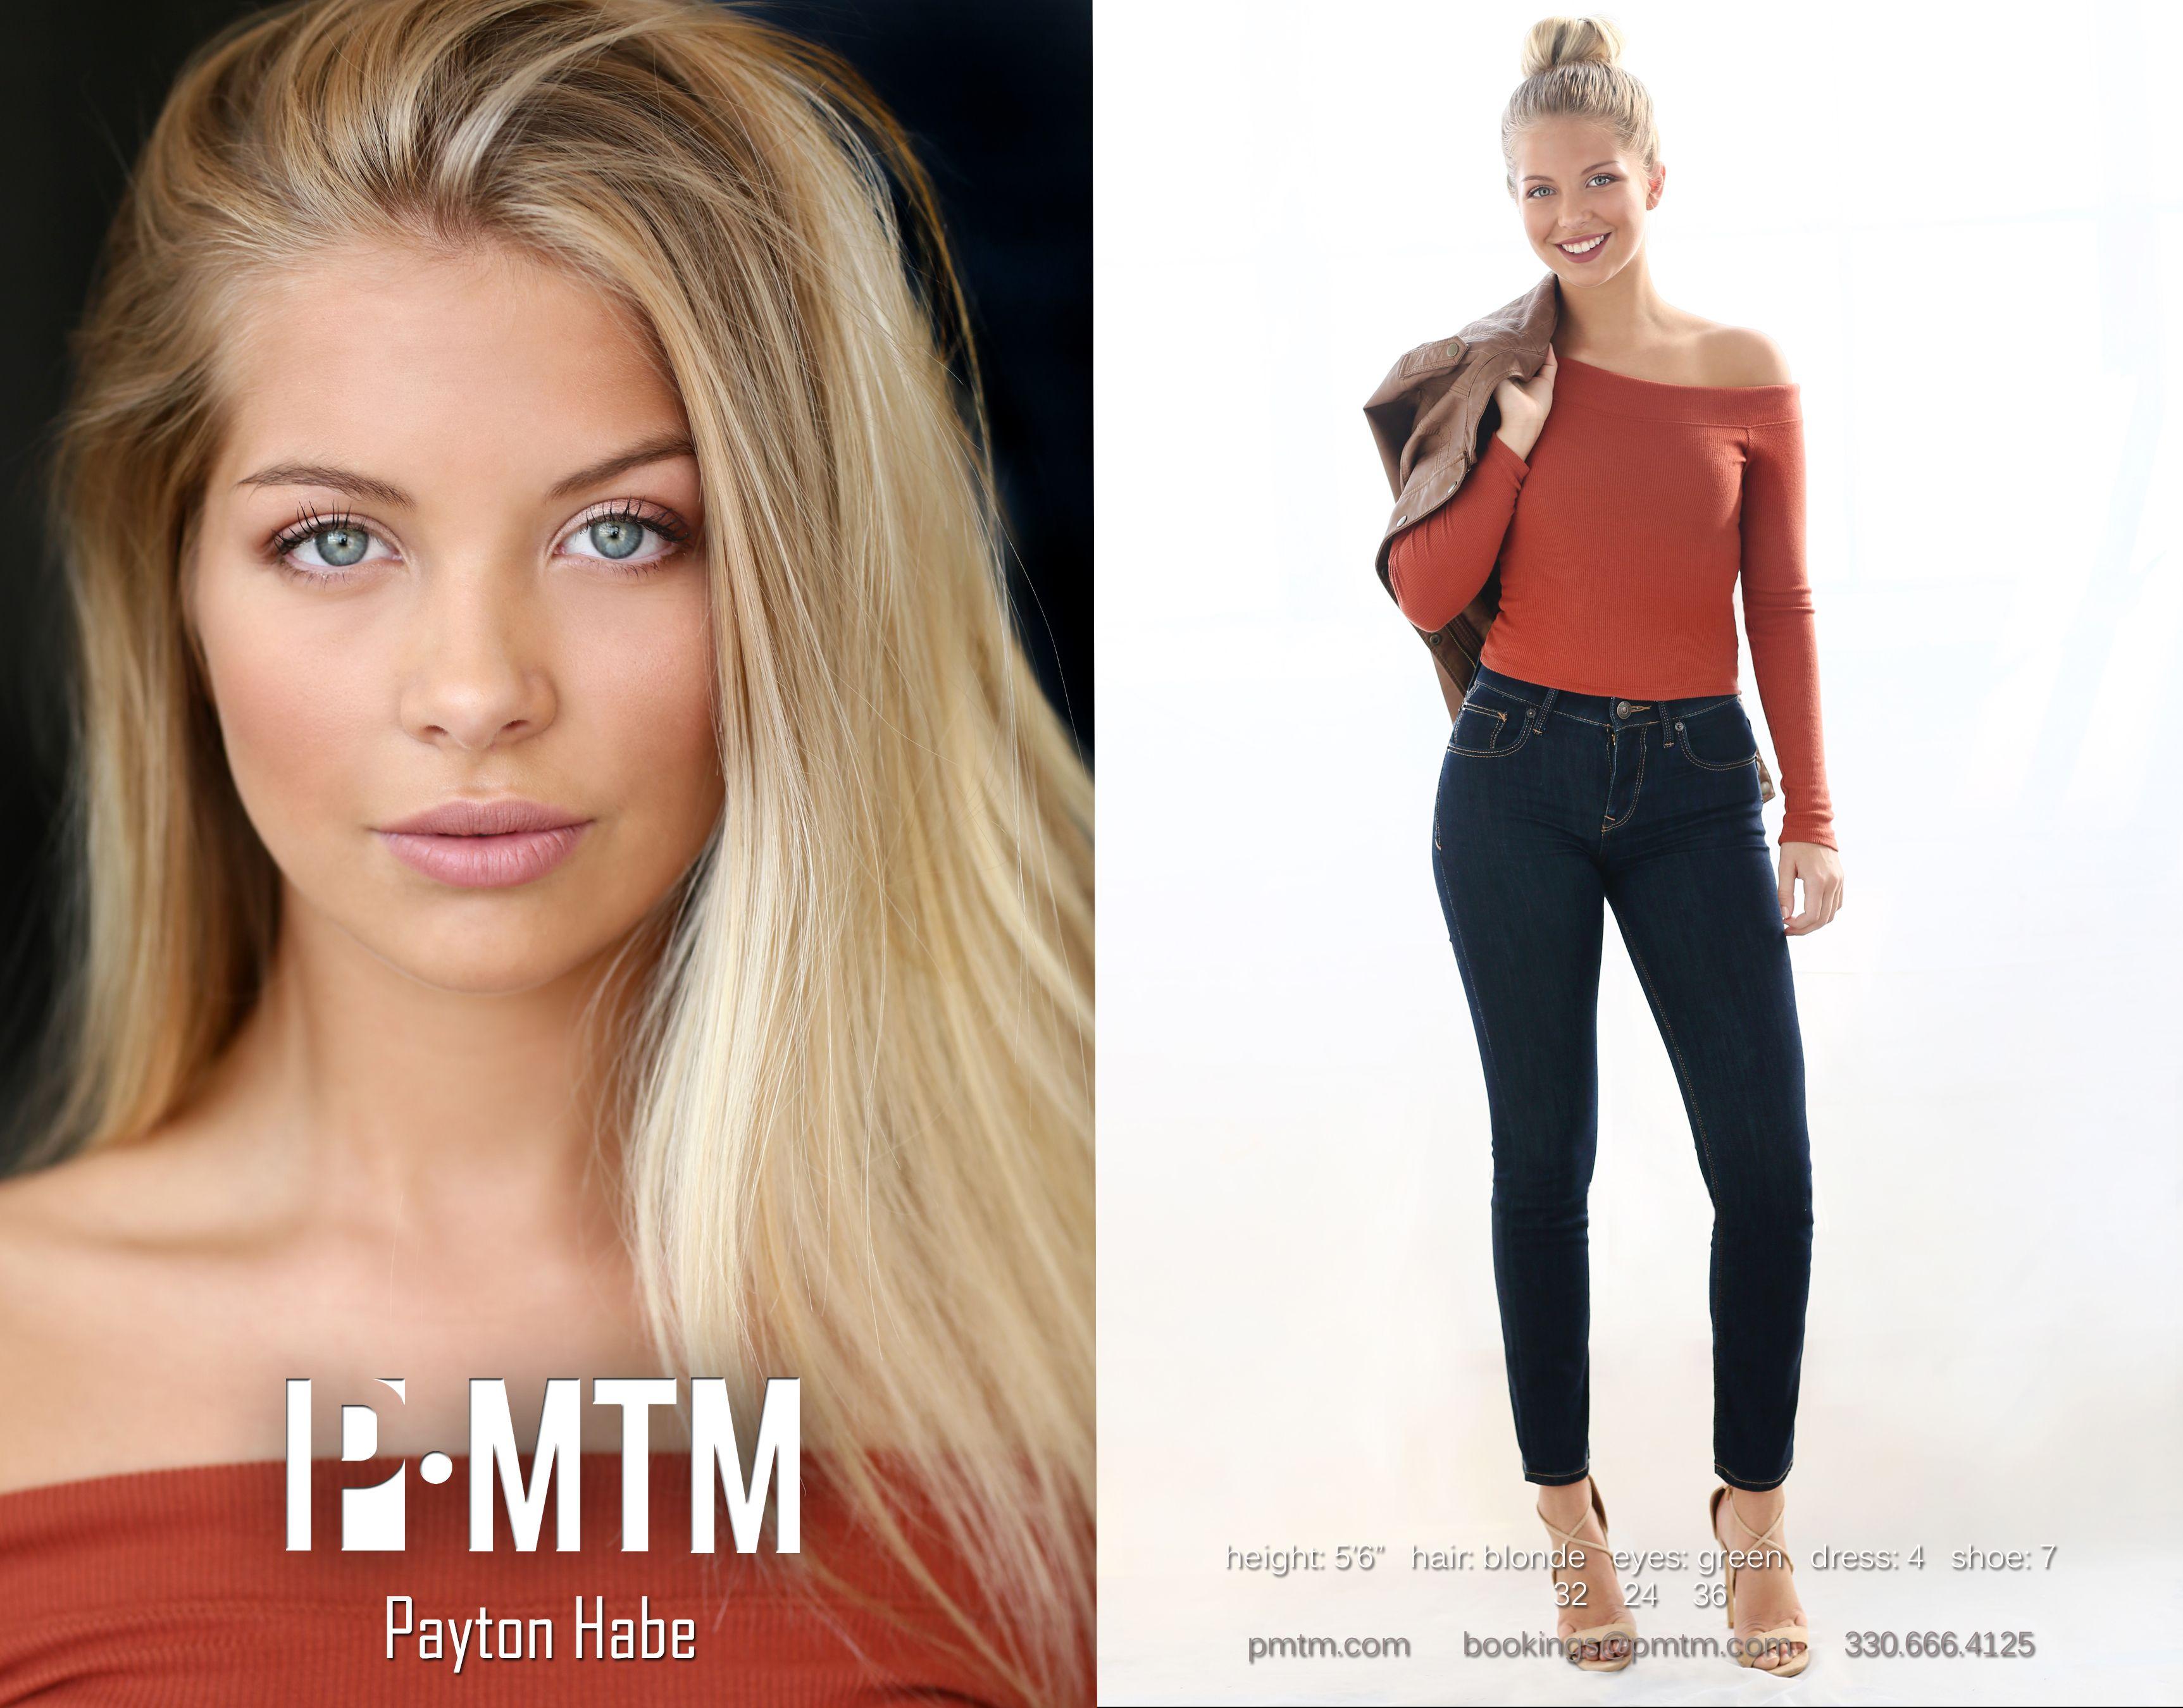 Payton  Pro-Model and Talent Management  #pmtm #IMTALA2017 #imta #headshot #composite